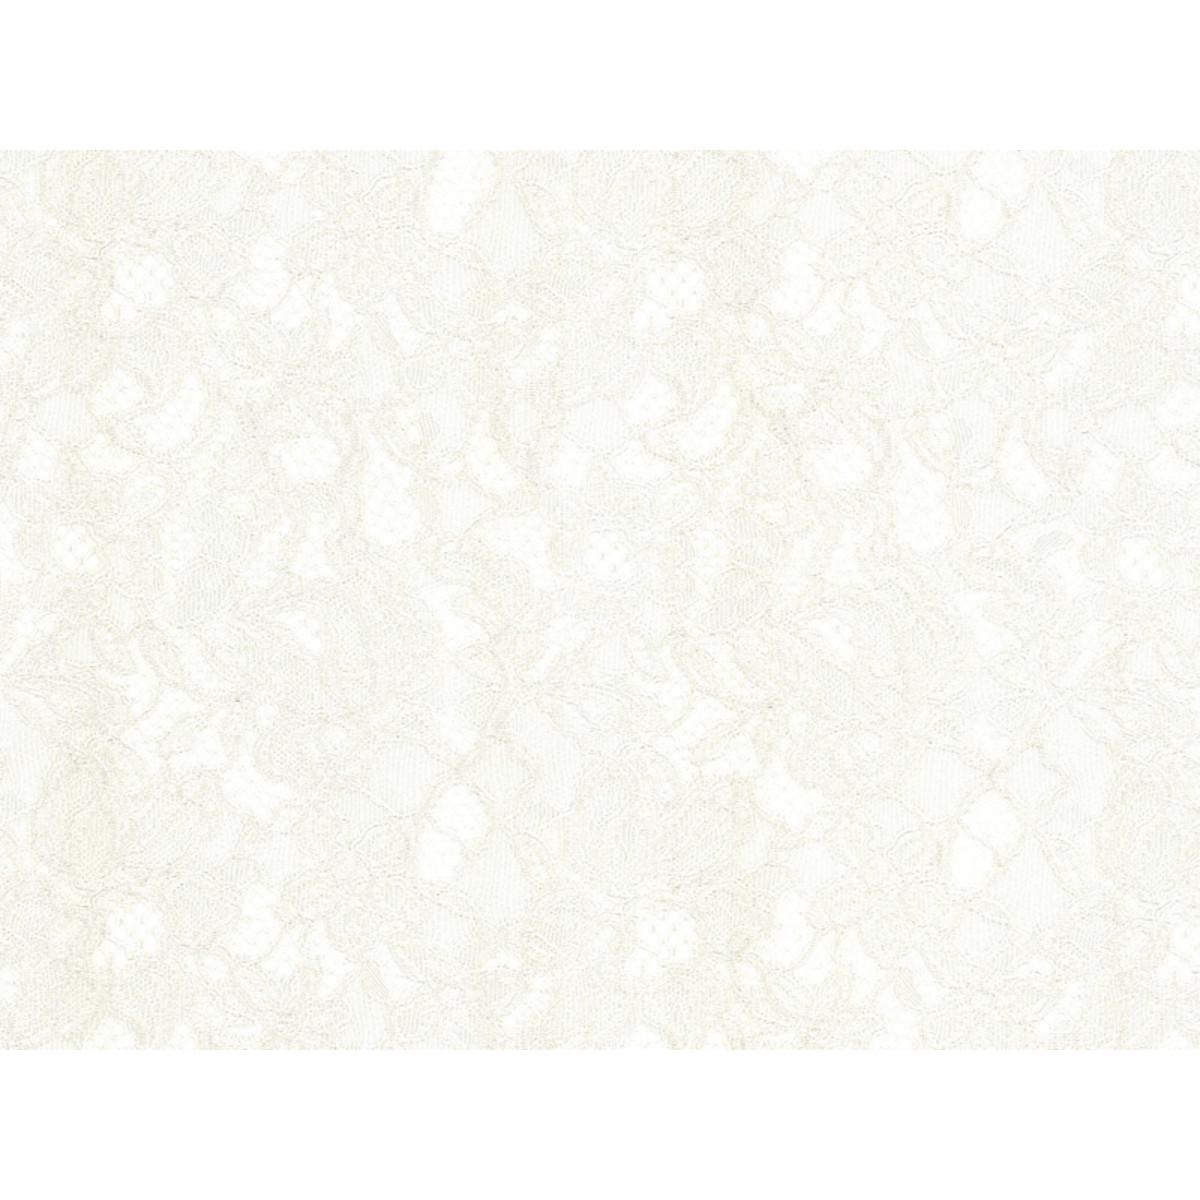 Обои флизелиновые Fipar Favorita белые 1.06 м R1901